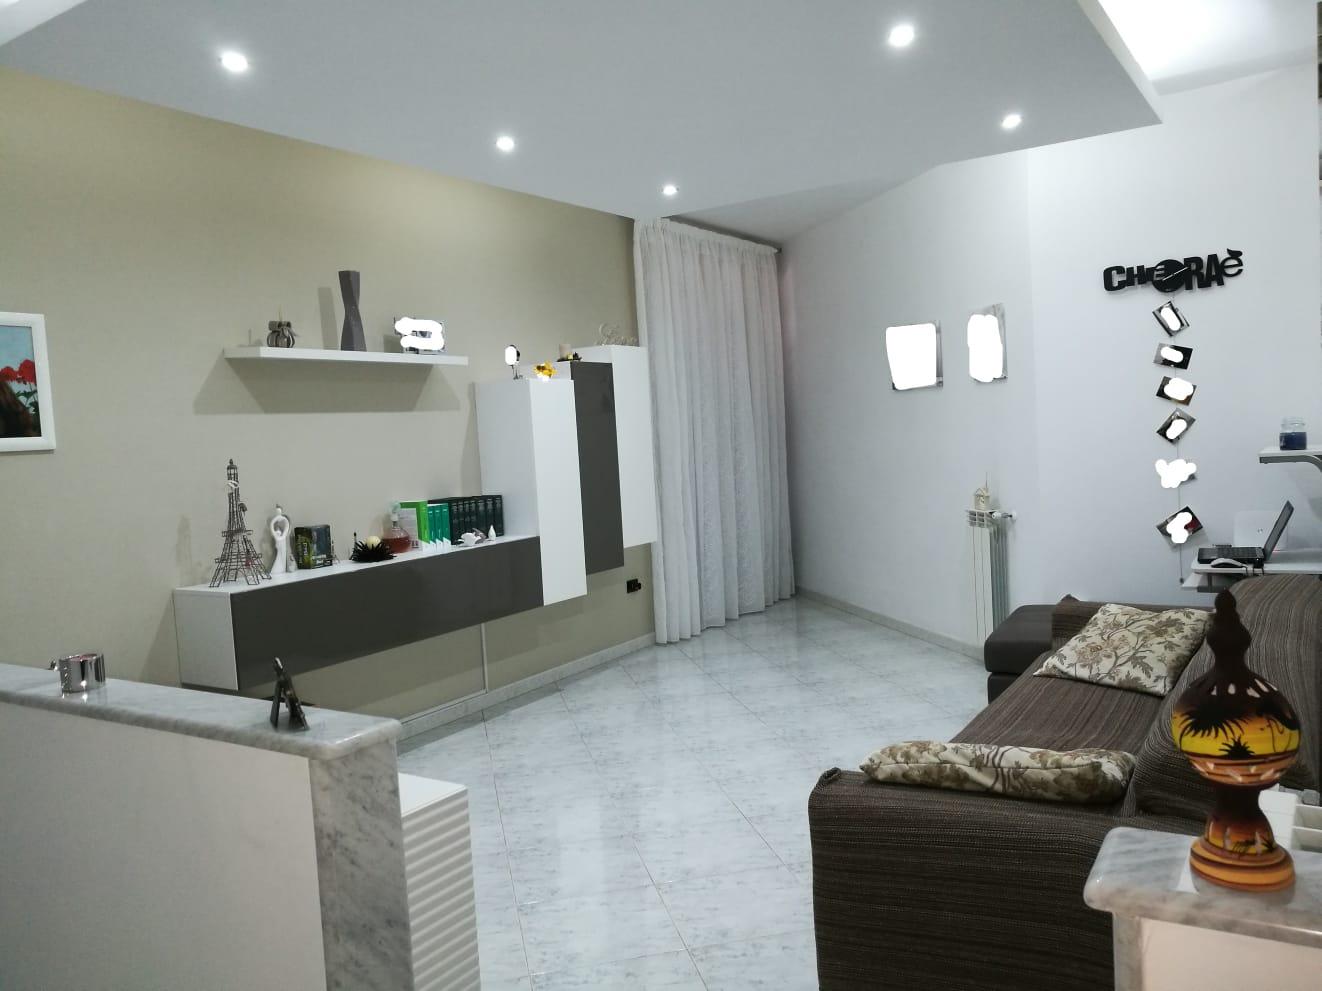 Grazioso appartamento con ampio spazio esterno